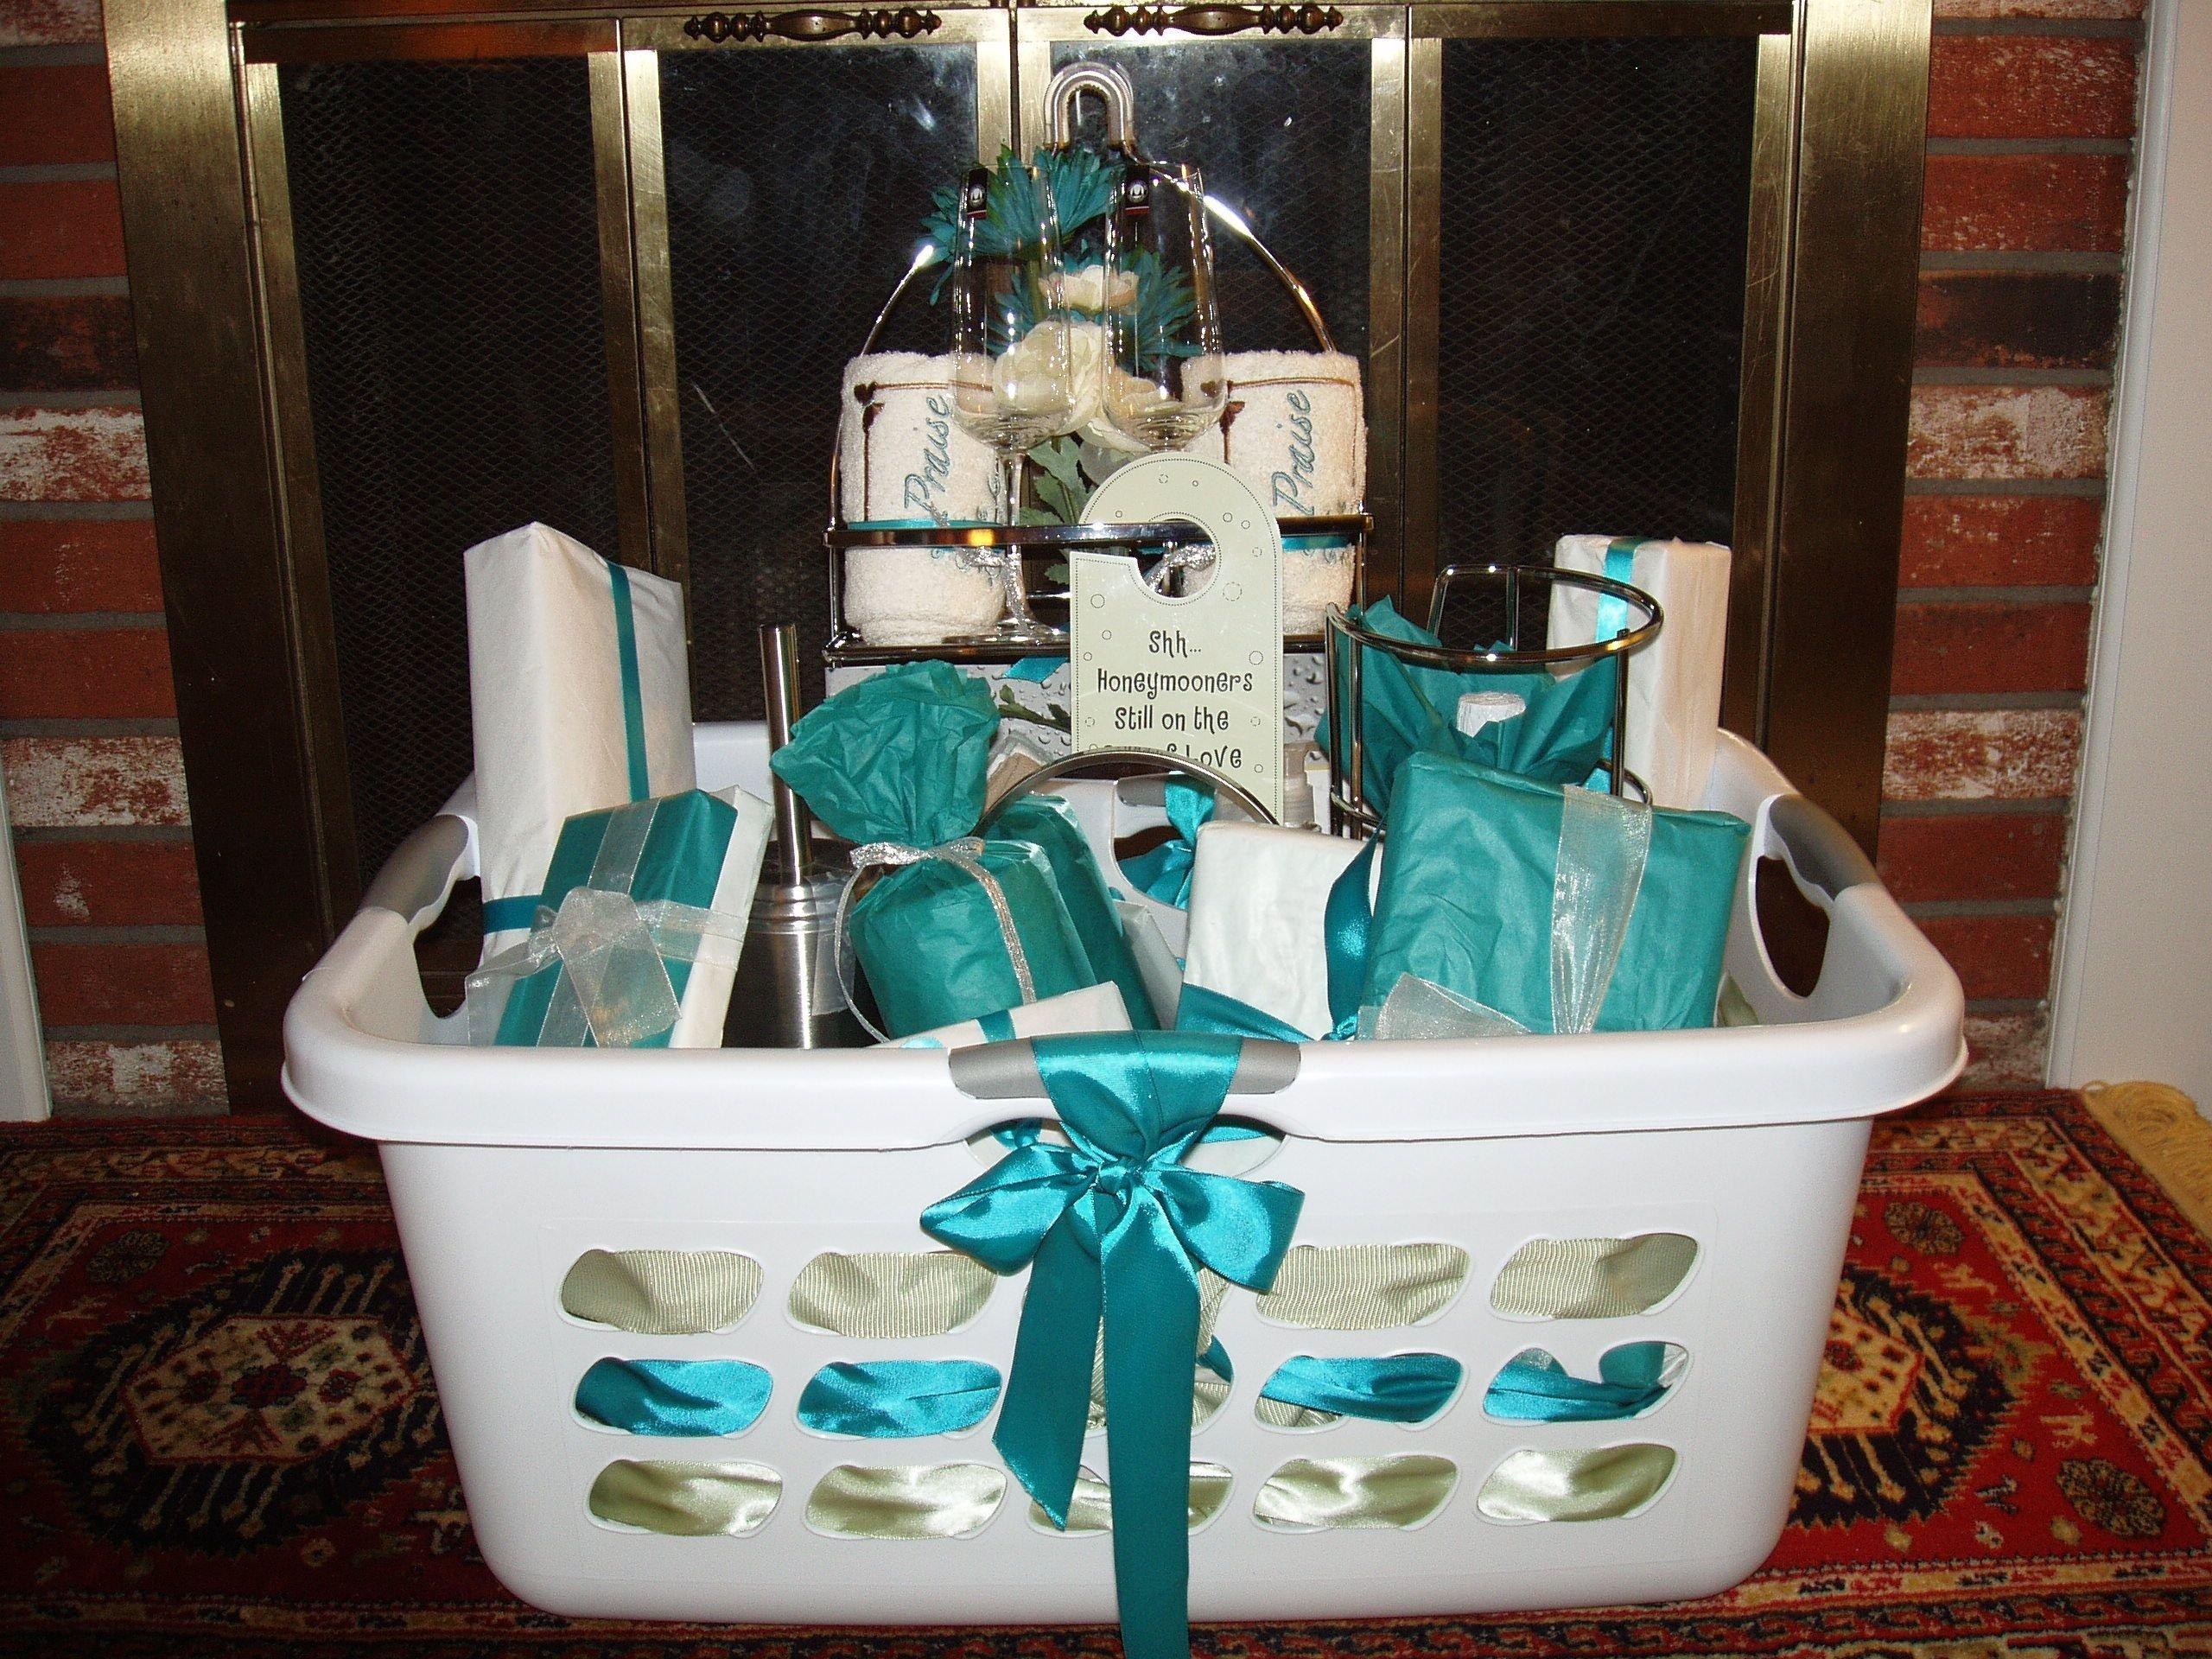 10 Best Unique Bridal Shower Gift Ideas personalized wedding gifts ideas and unique wedding gifts bridal 5 2020